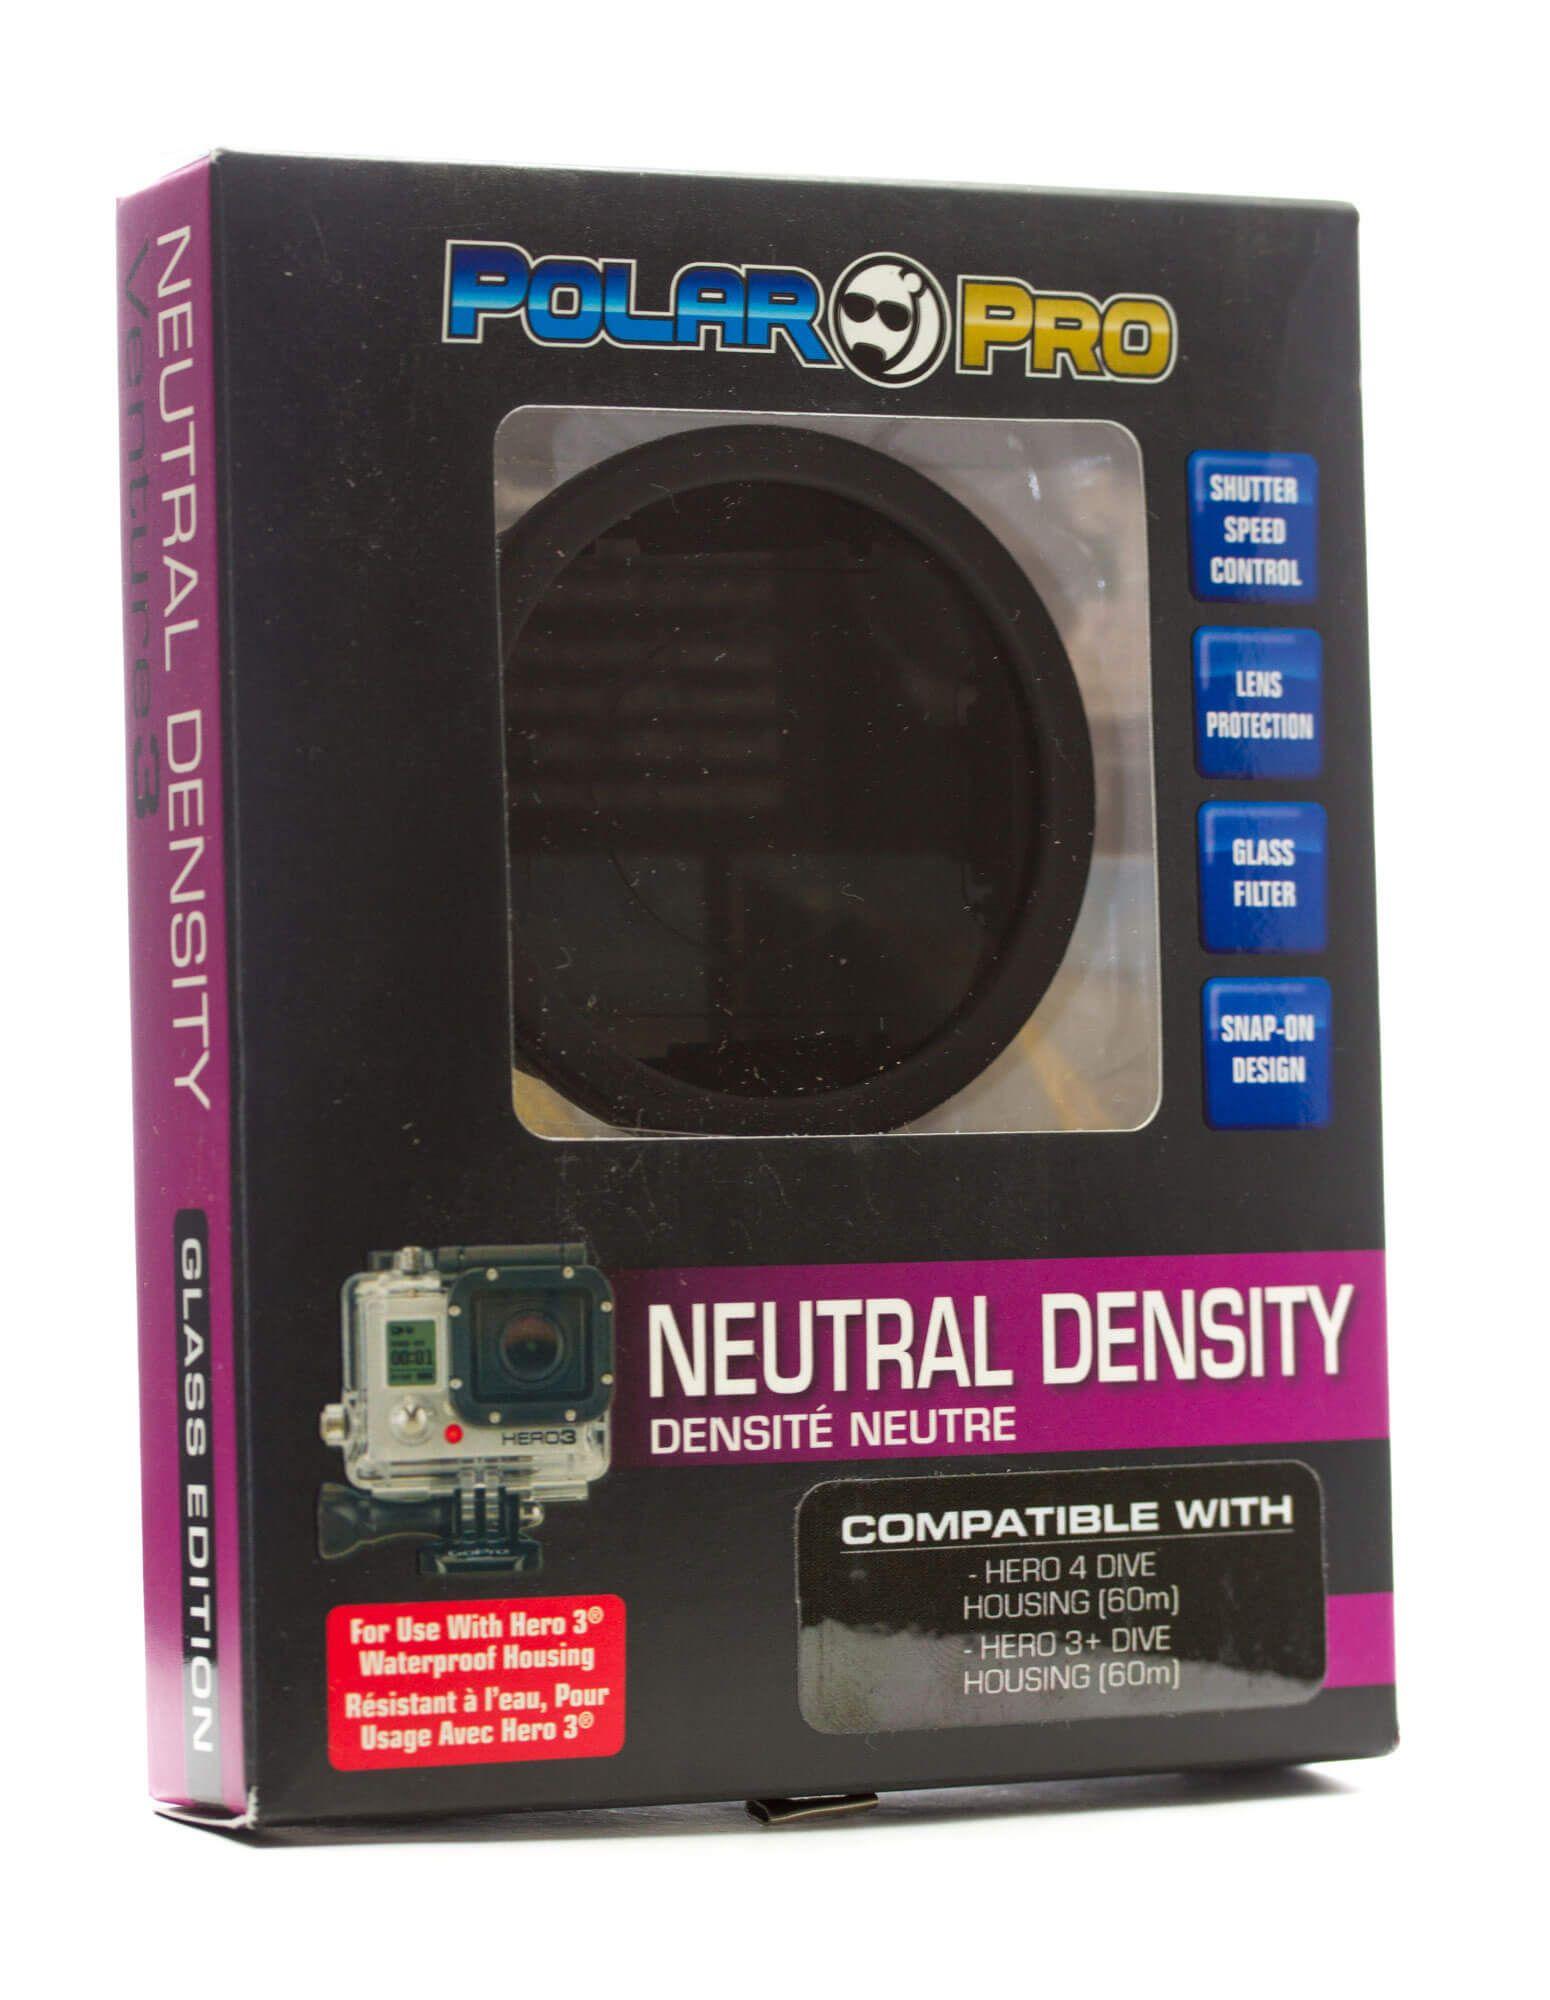 Filtro Densidade Neutra Nd Para Gopro Polar Pro - P1012